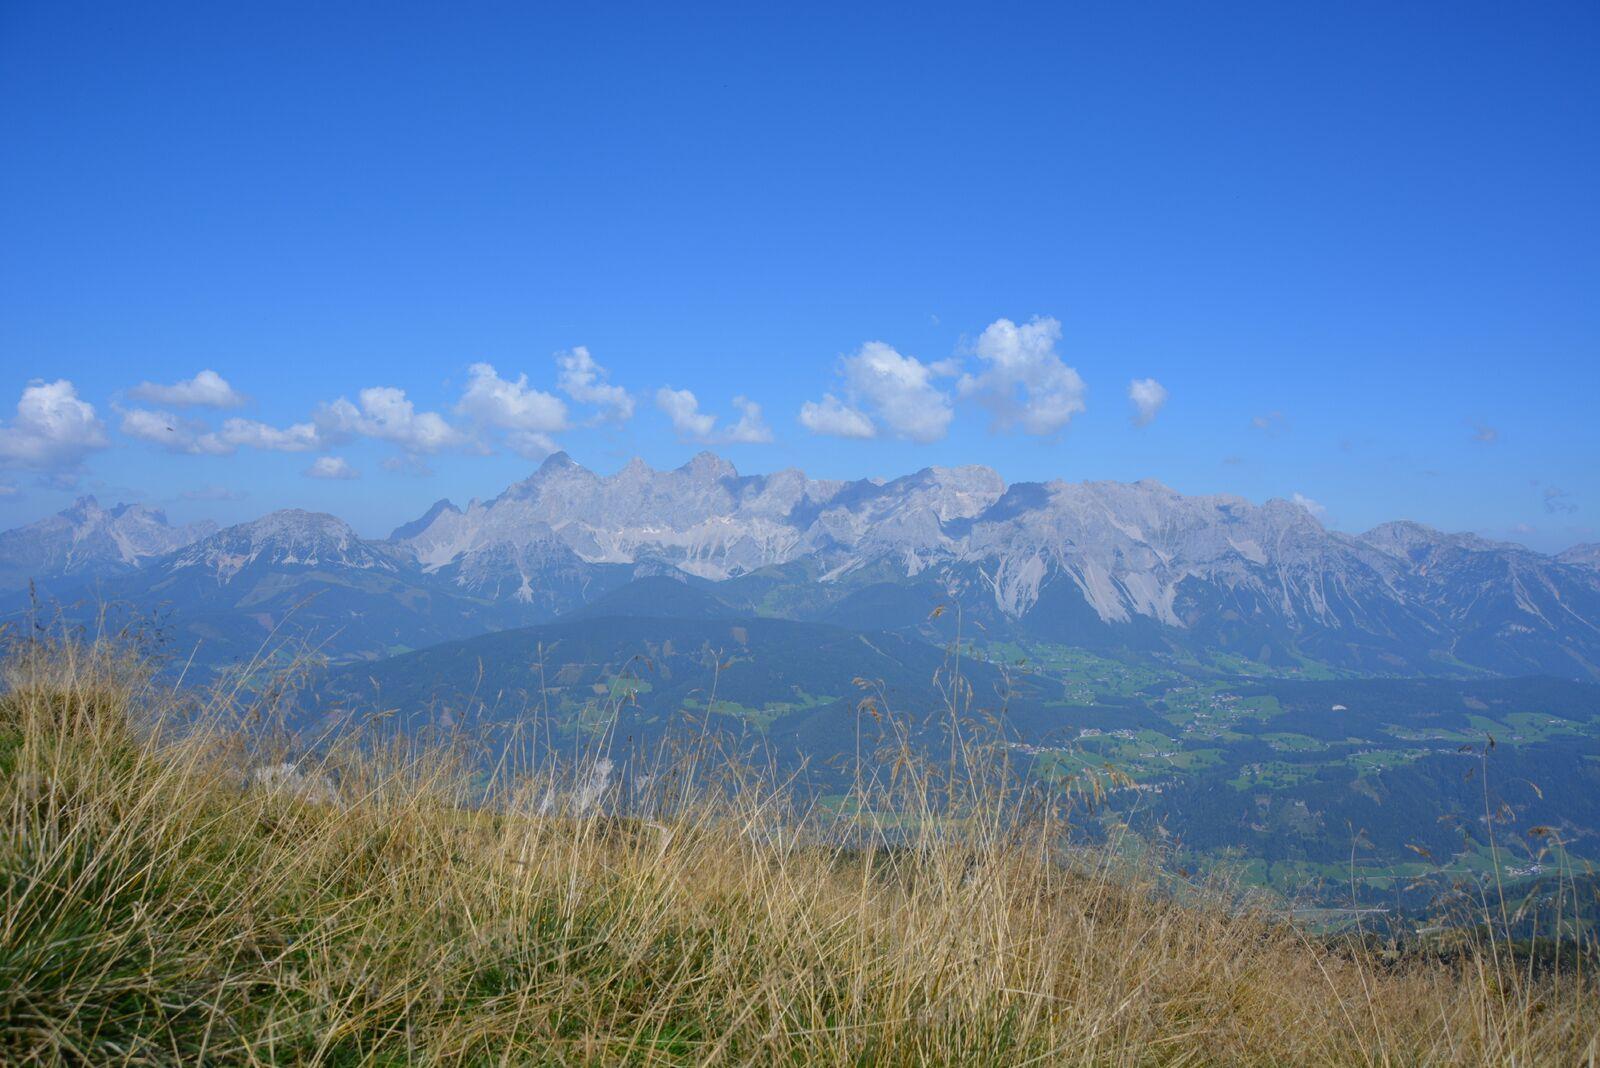 dachstein-spiegelsee-austria-hiking-wanderlust